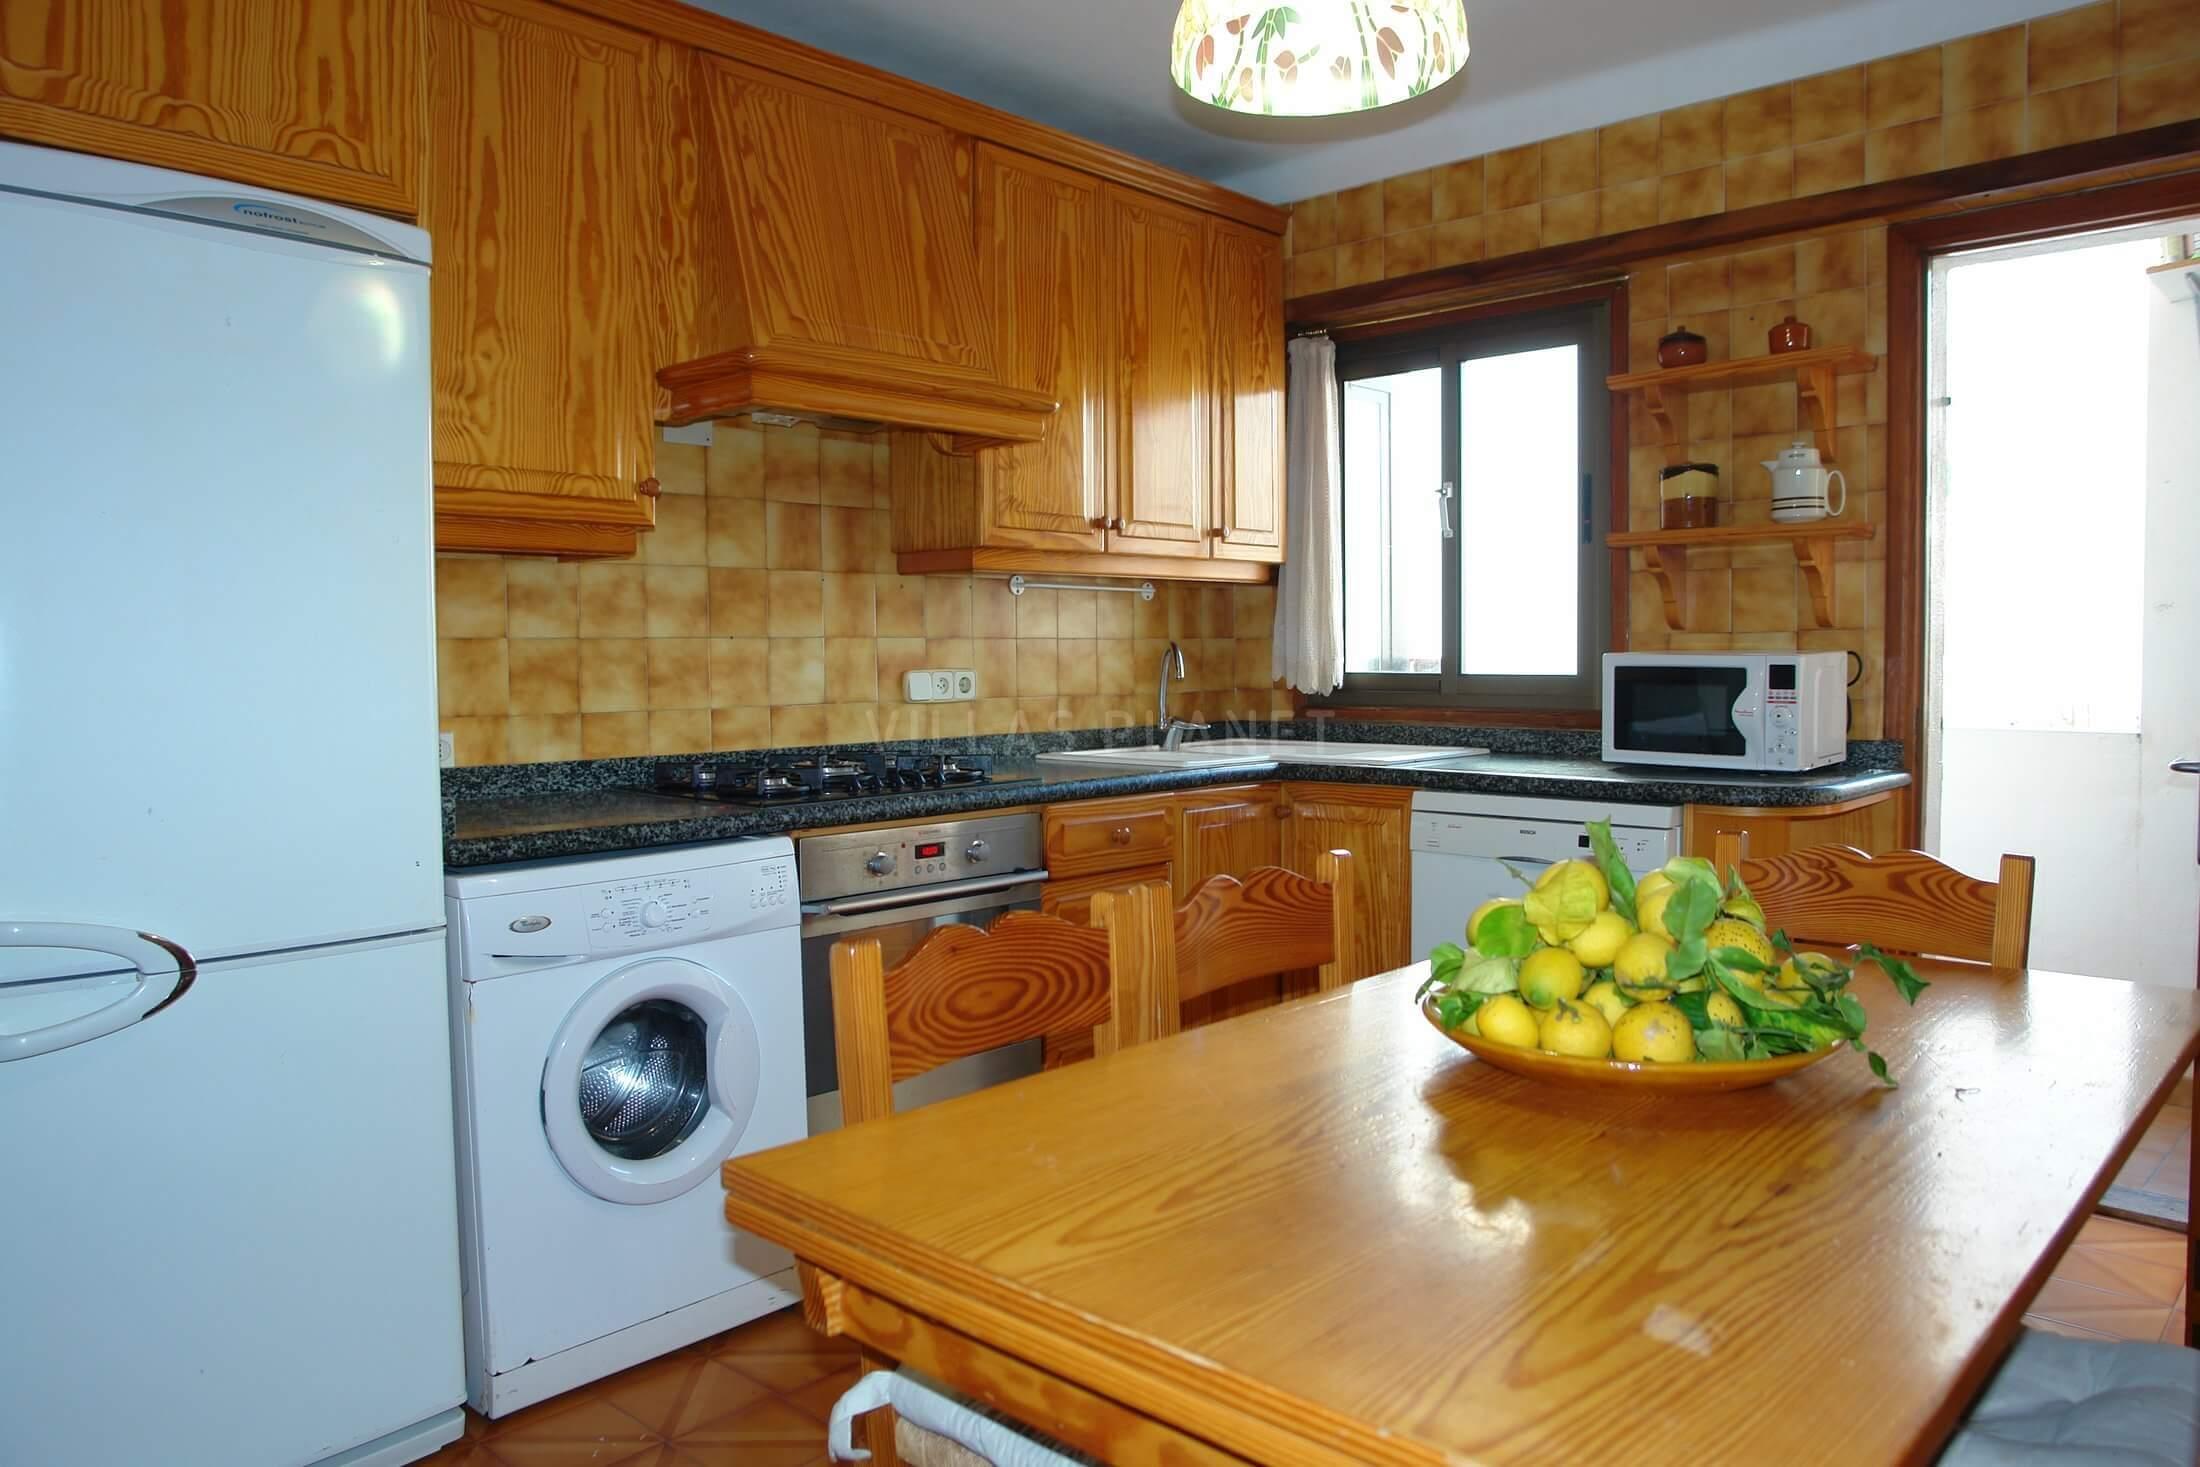 Encantador Cocina Y Baño Distintiva Galería - Como Decorar la Cocina ...